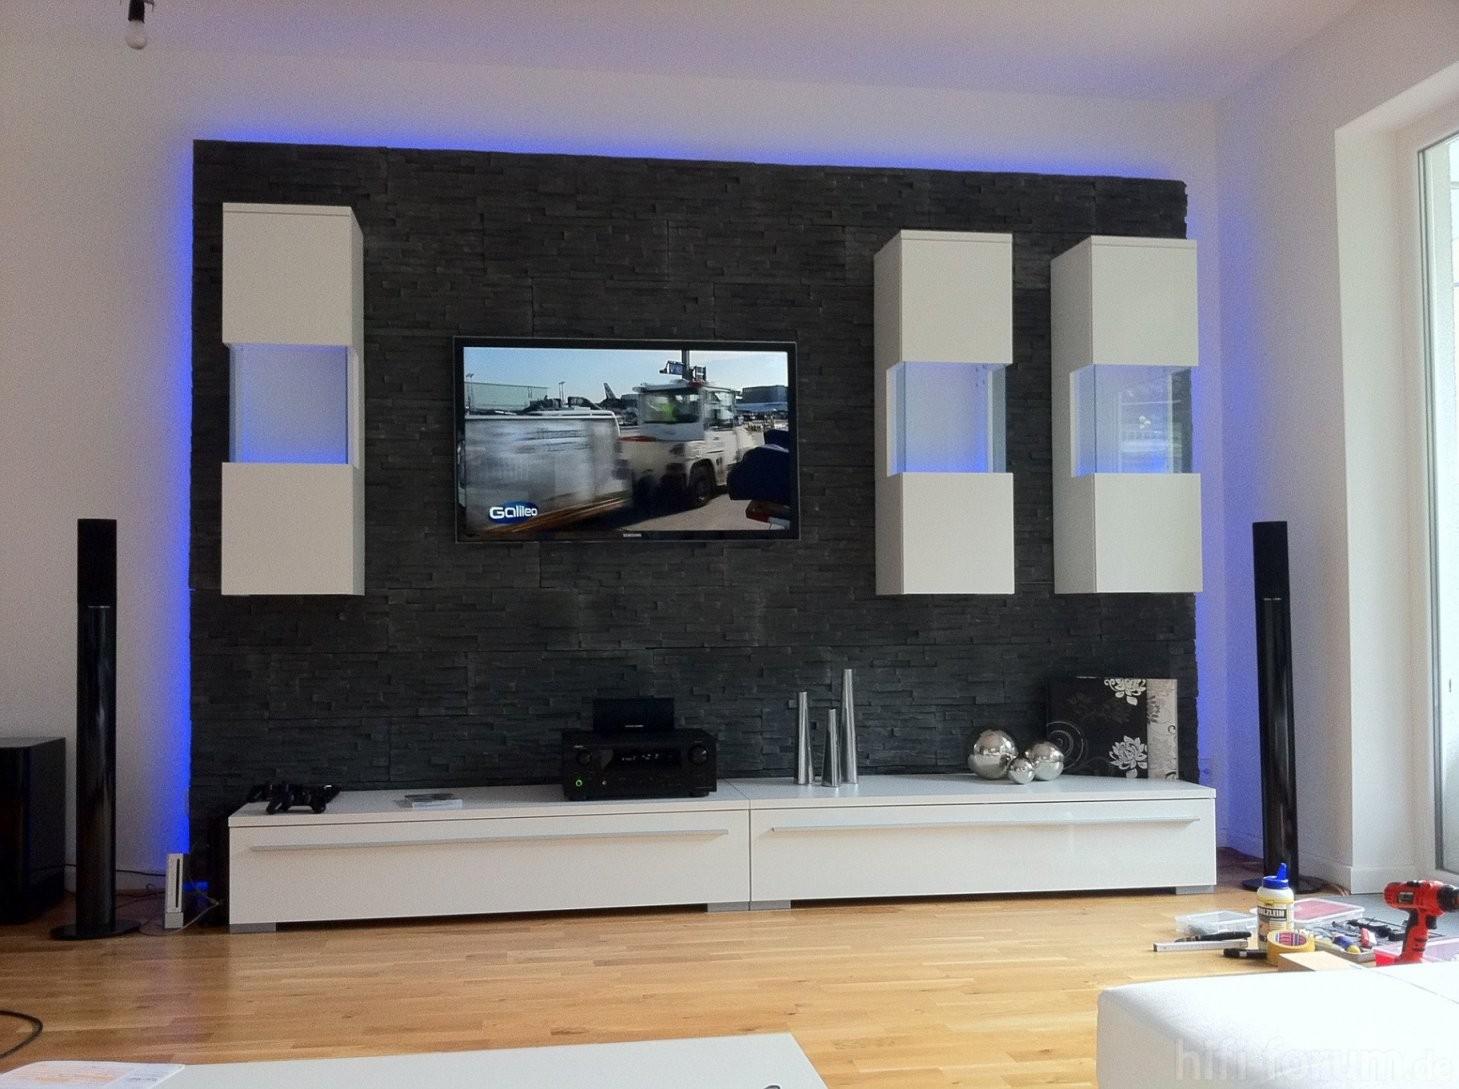 Wände Streichen Ideen Wohnzimmer  Zeitfuermama von Wohnzimmer Renovieren Ideen Bilder Photo